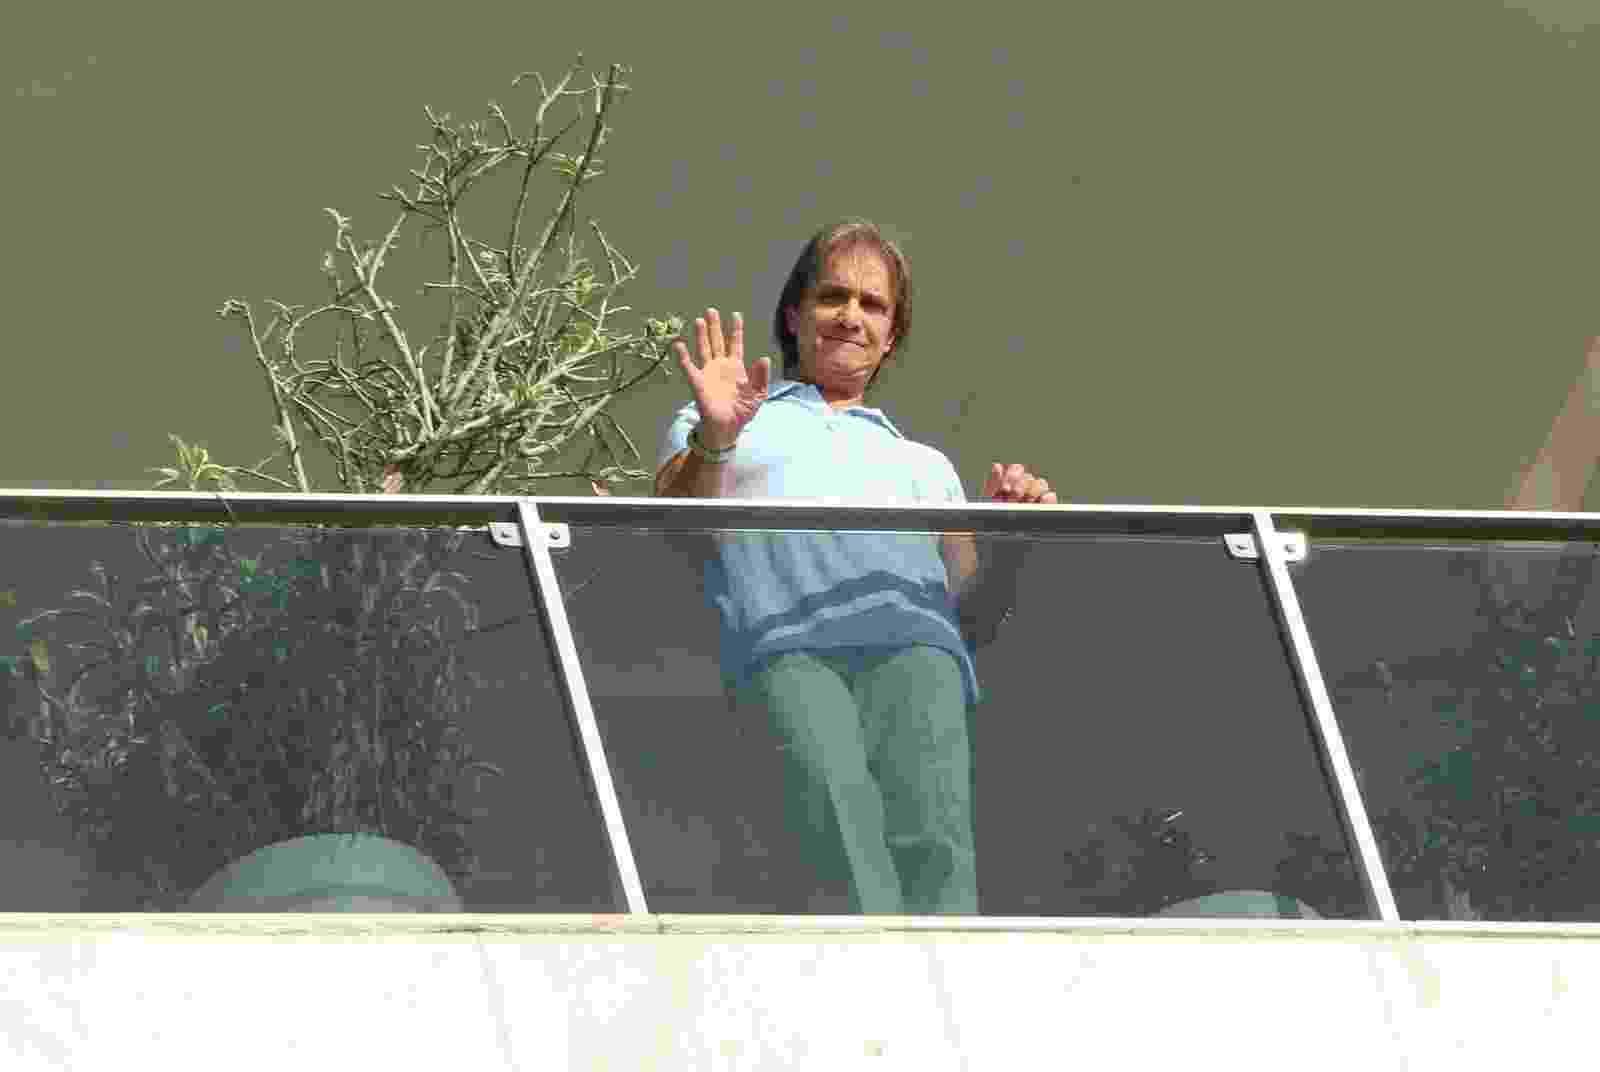 19.abril.2014 - No dia do seu aniversário, Roberto Carlos acena para fãs da sacada de seu apartamento no Rio. O cantor, que está completando 73 anos neste sábado (19), recebeu uma homenagem do seu fã-clune na porta do prédio em que mora, na Urca, na Zona Sul da cidade - Alex Palarea/AgNews